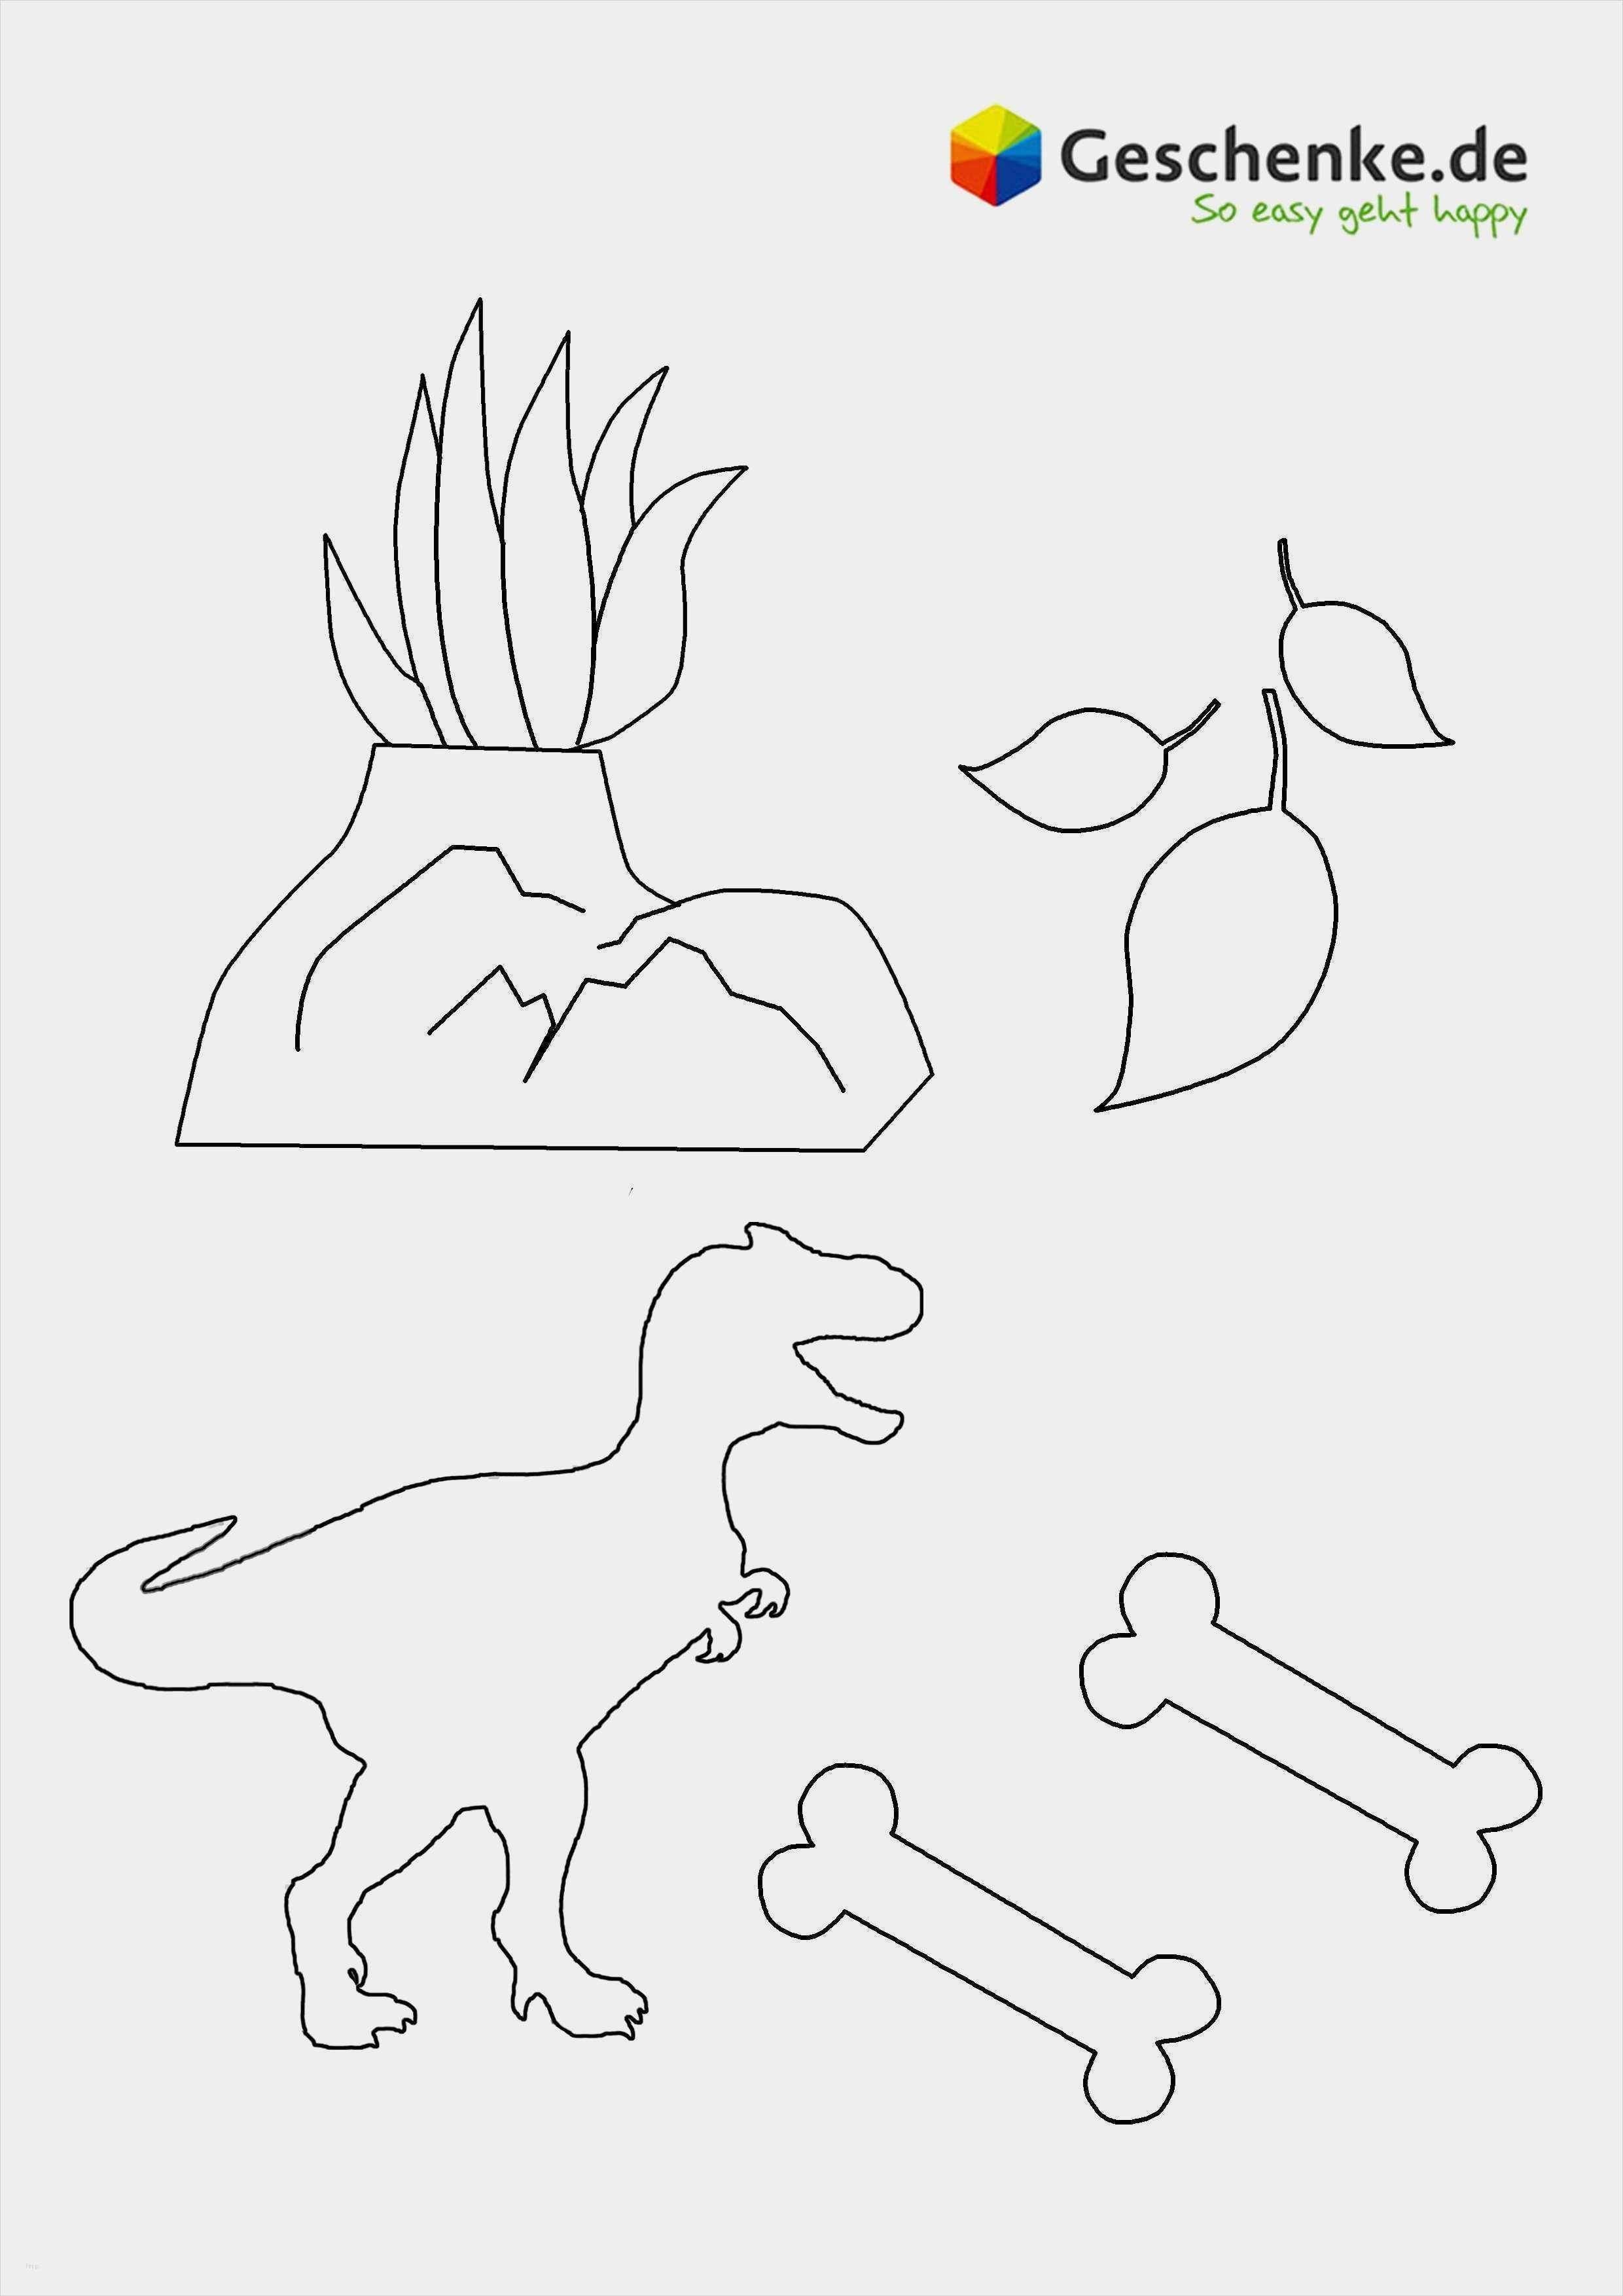 35 Suss Dino Basteln Vorlage Bilder In 2020 Schultute Basteln Vorlage Schultute Dinosaurier Schultute Basteln